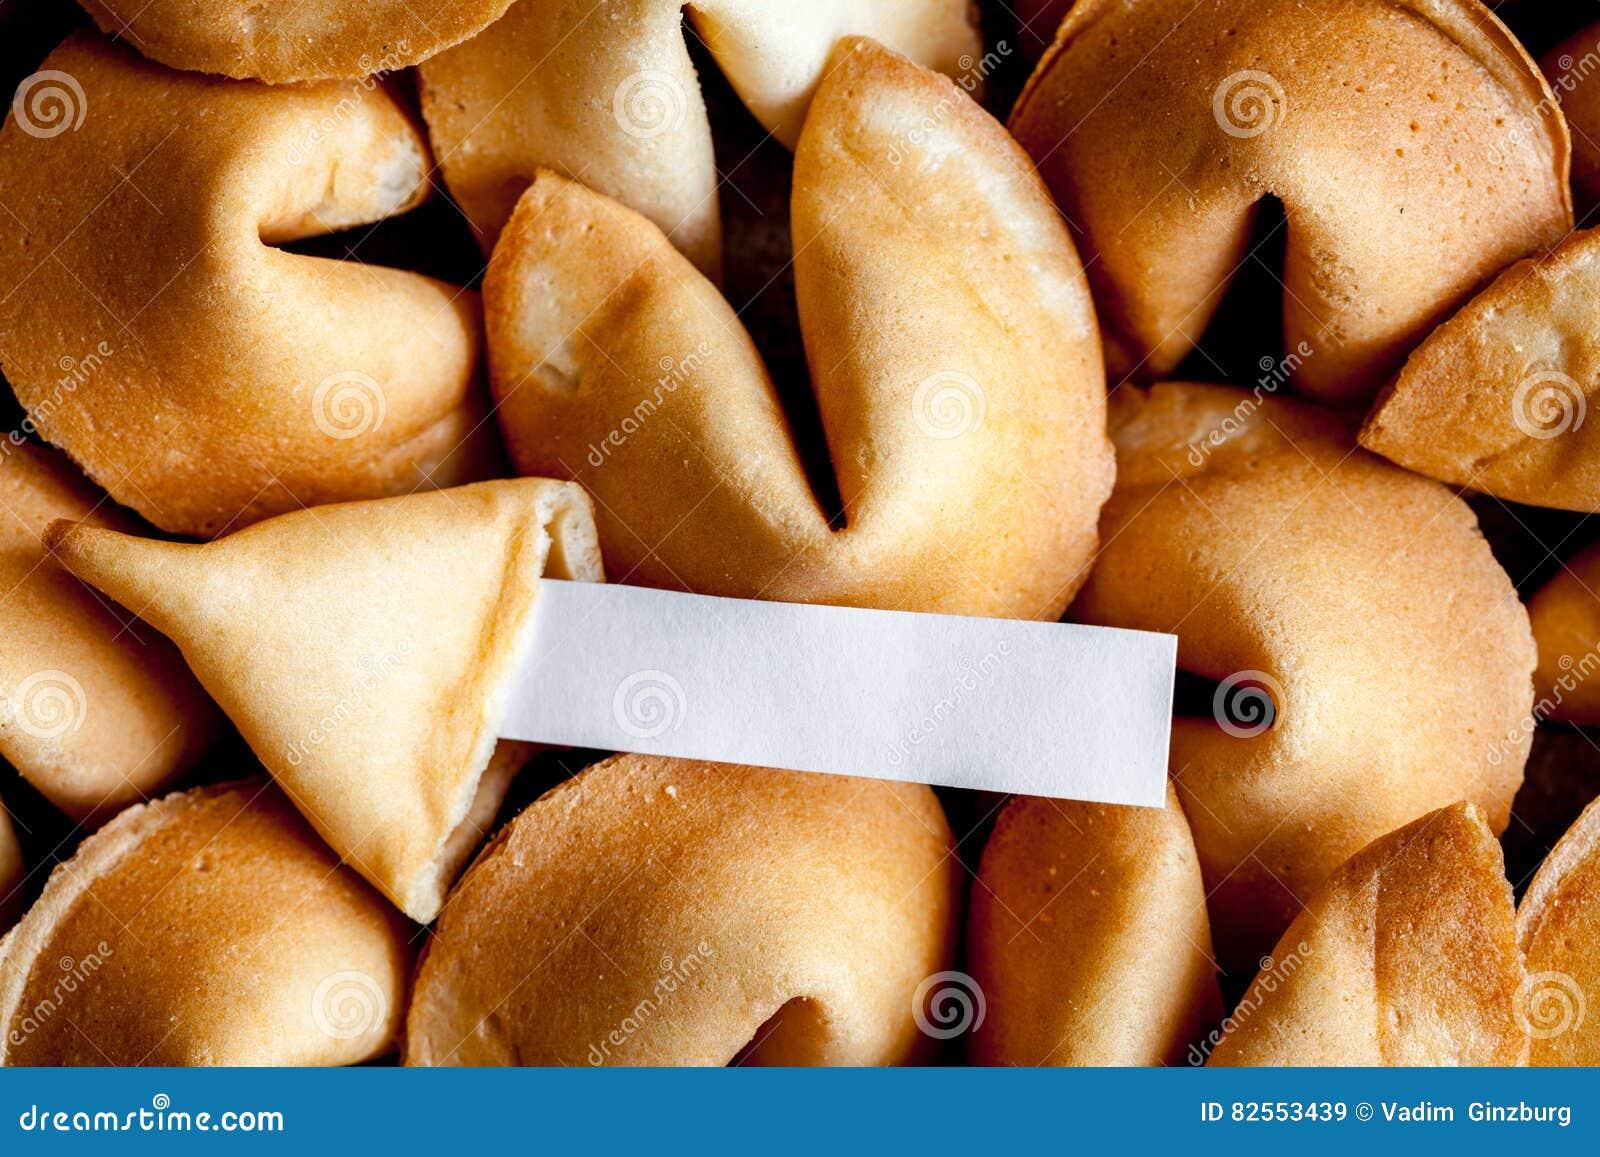 Mucho papel chino de la galleta de la suerte con la predicción